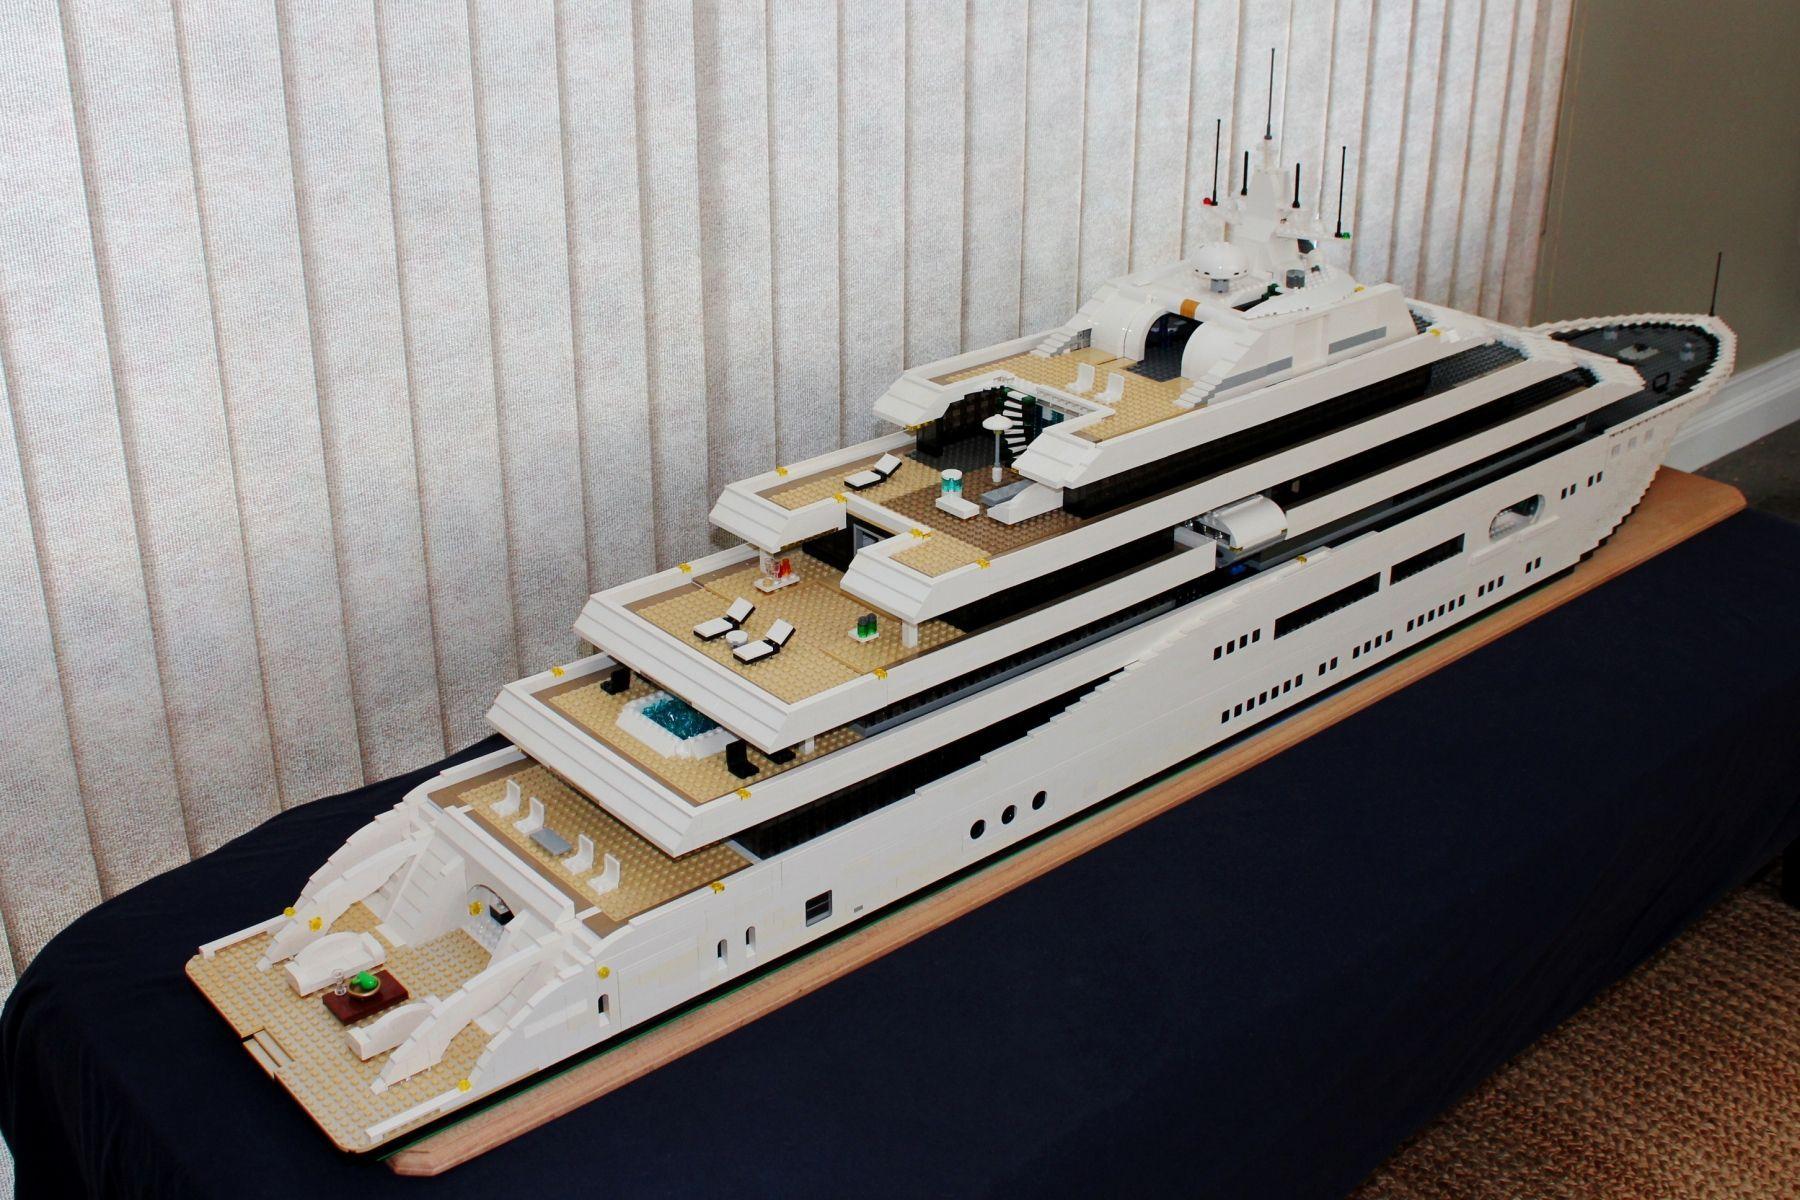 Lego Mega Yacht Keith Orlando With Images Lego Ship Lego